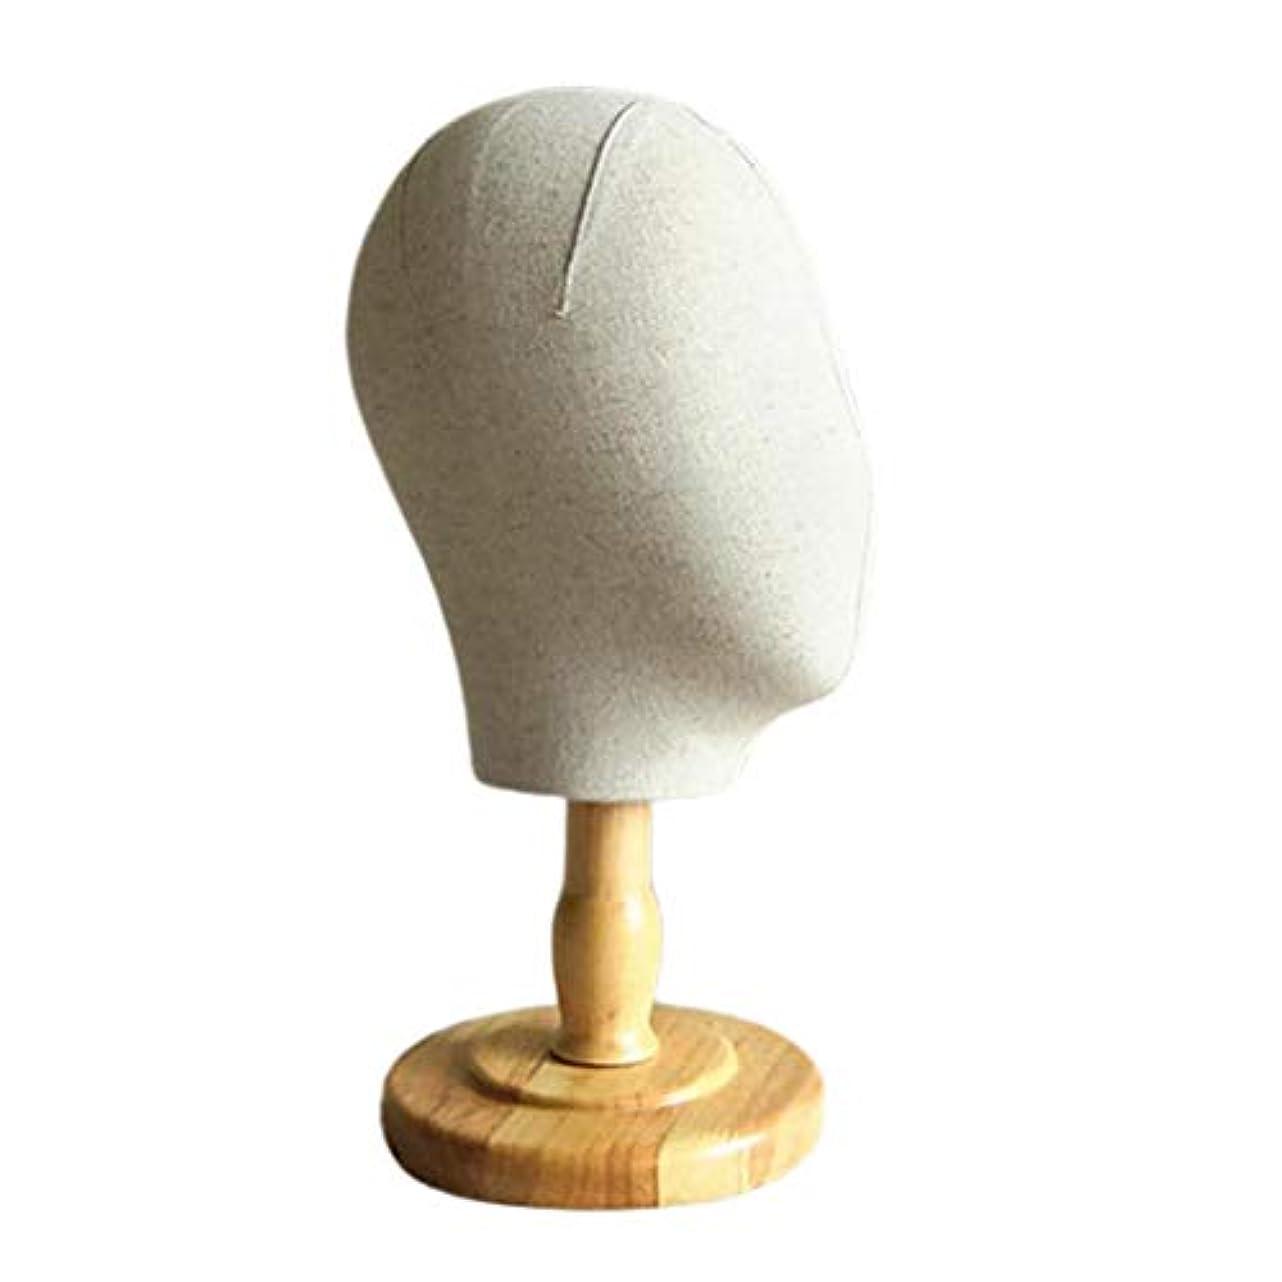 コマース均等に過言T TOOYFUL マネキンヘッド ディスプレイ キャンバス ウィッグ 帽子 スタンド 家庭 サロン ショップ